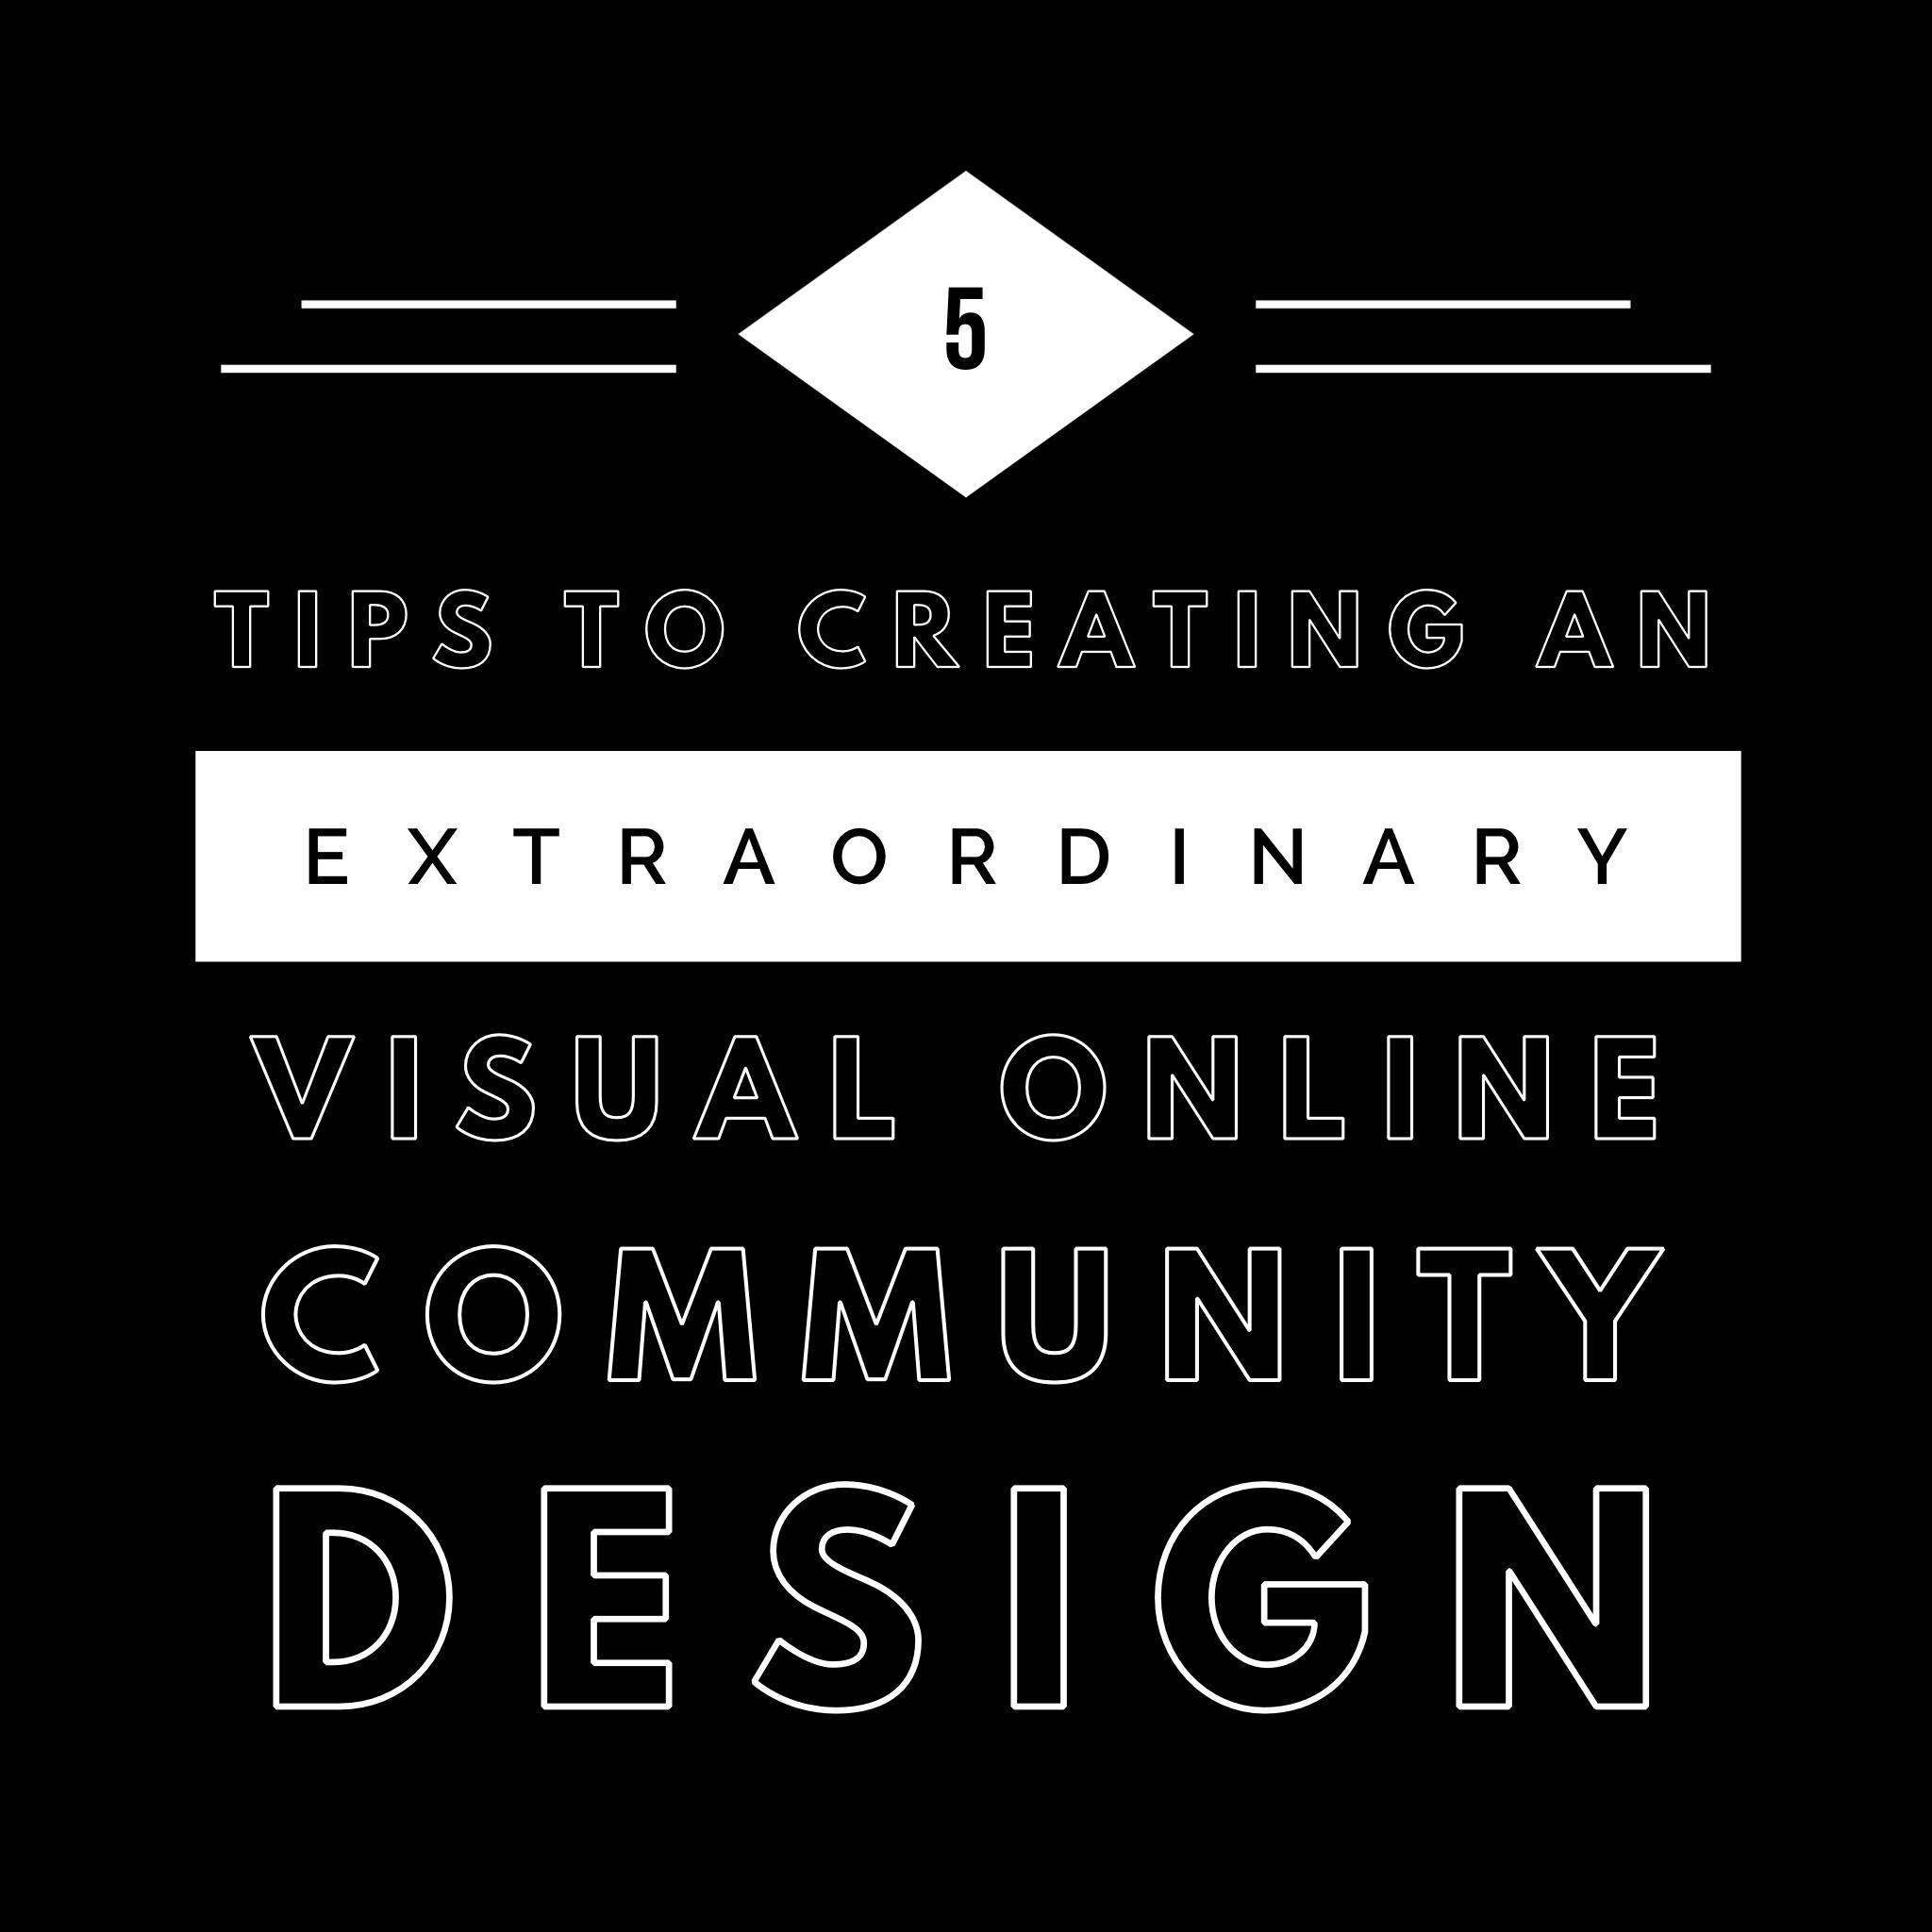 Community Design